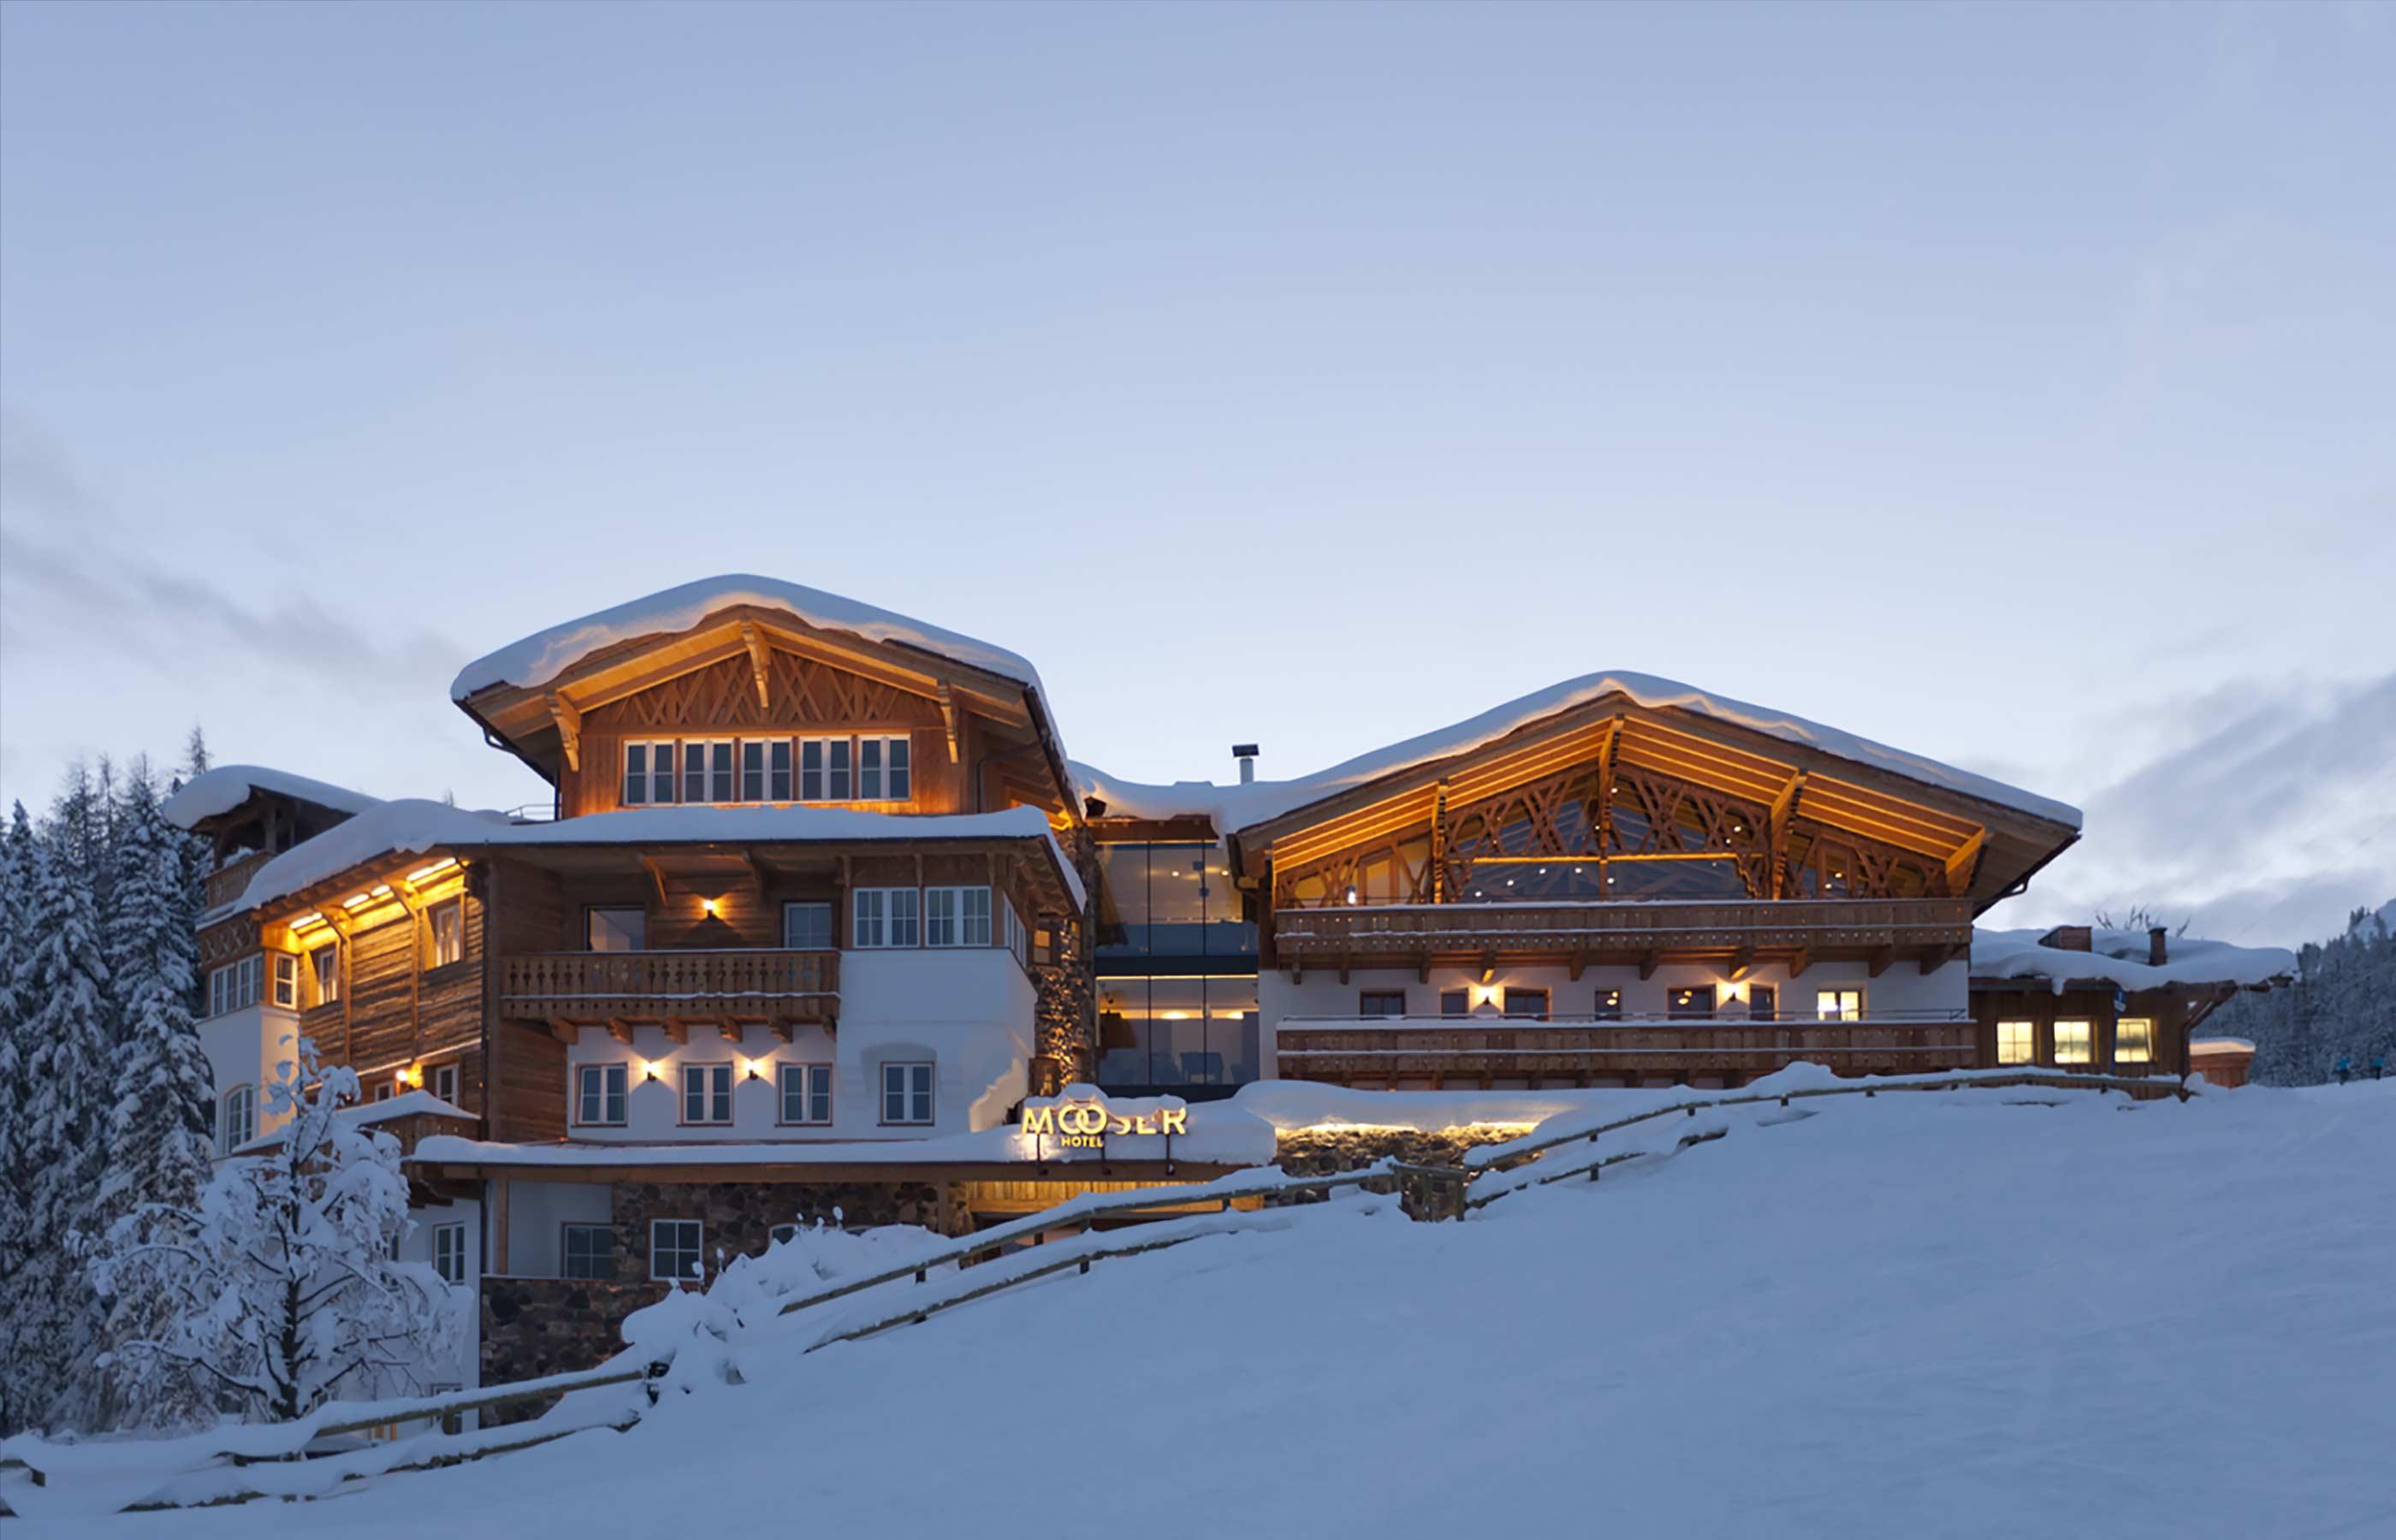 St Anton Mooser Hotel